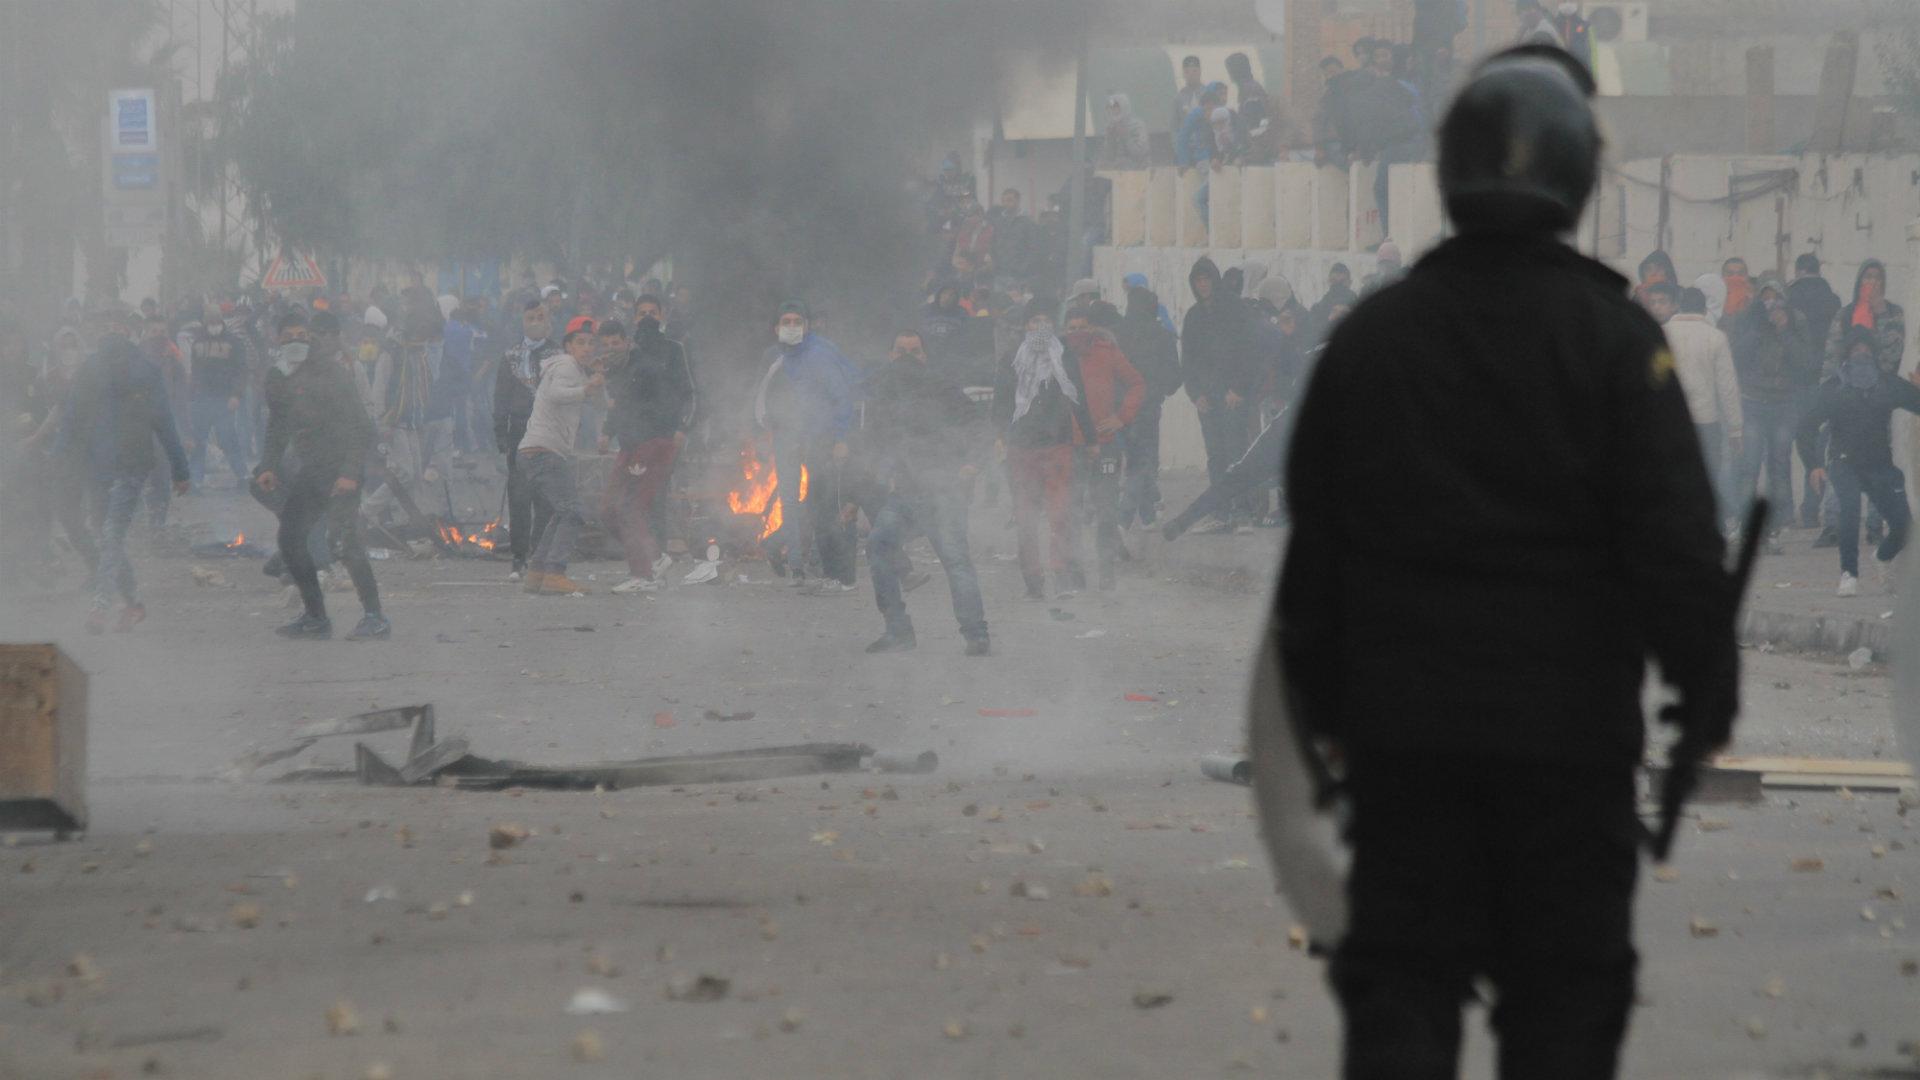 حوار مع الصحفي غسان بن خليفة حول: عودة الاحتجاجات الشعبية بتونس